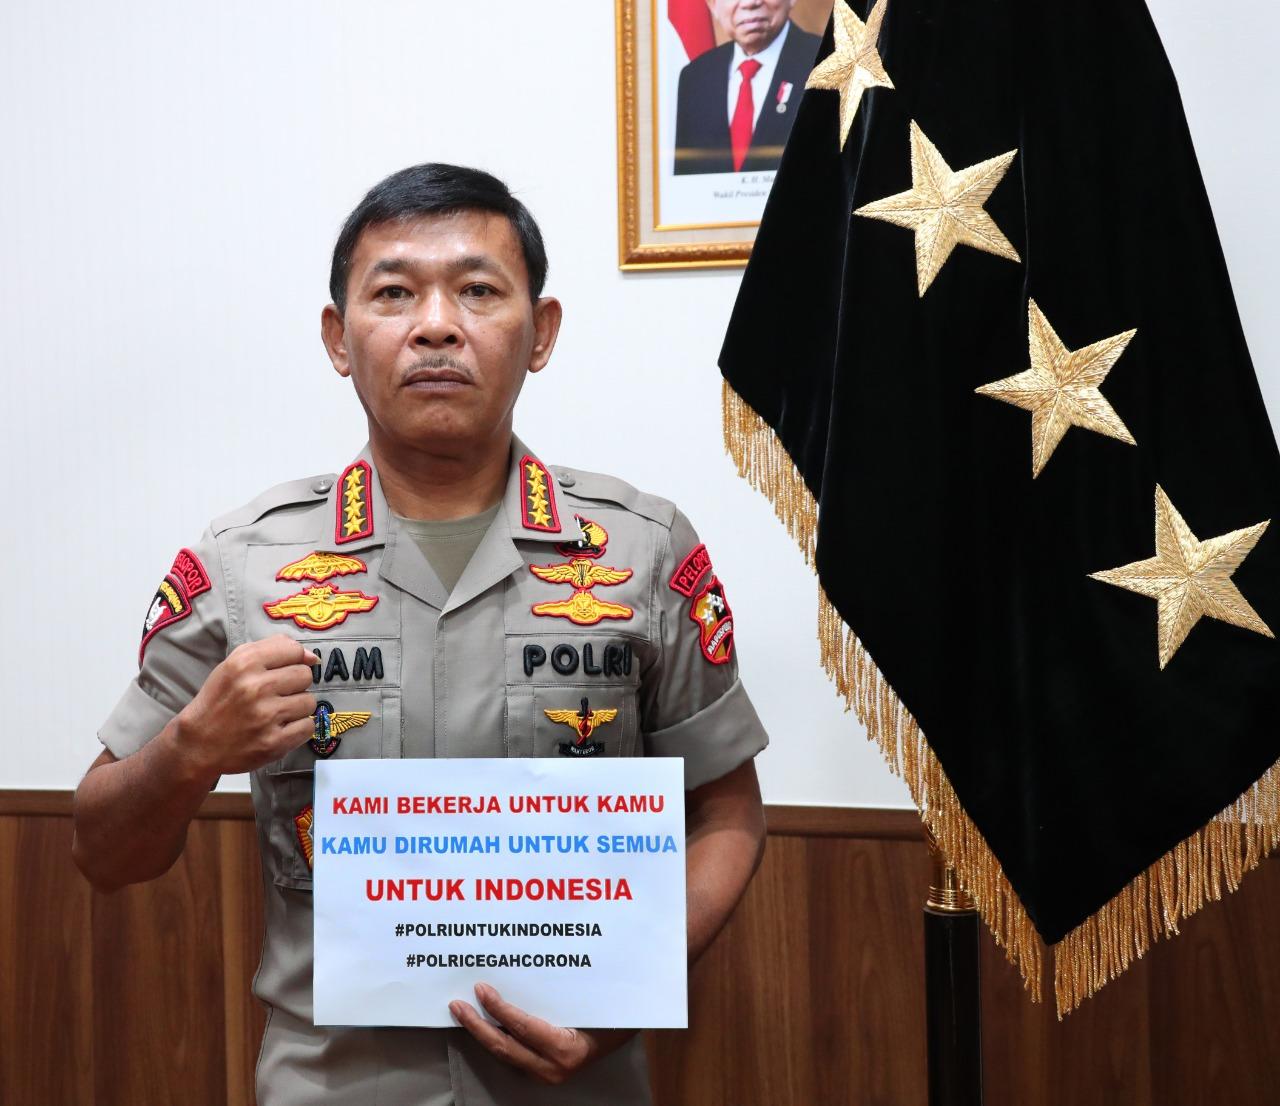 Jenderal Polisi, Drs. Idham Azis, M.Si